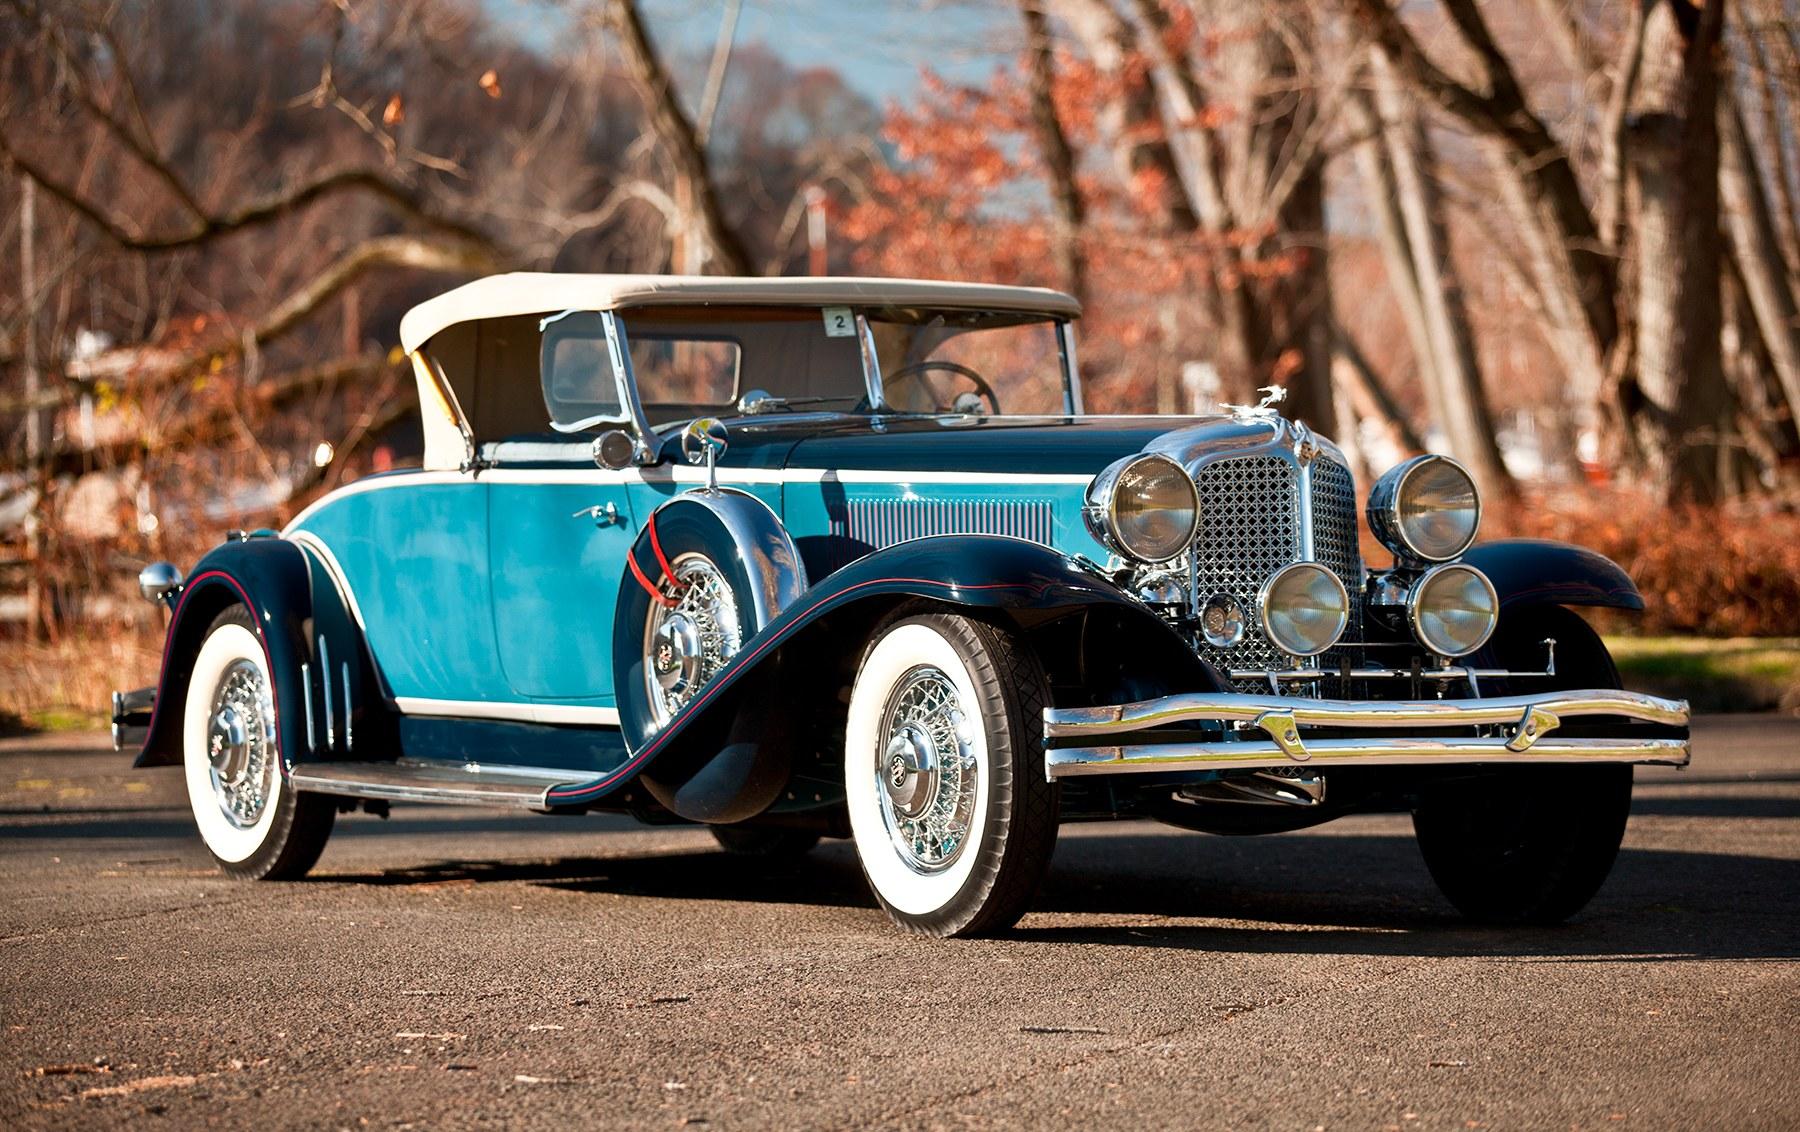 1931 Chrysler Imperial CG Roadster